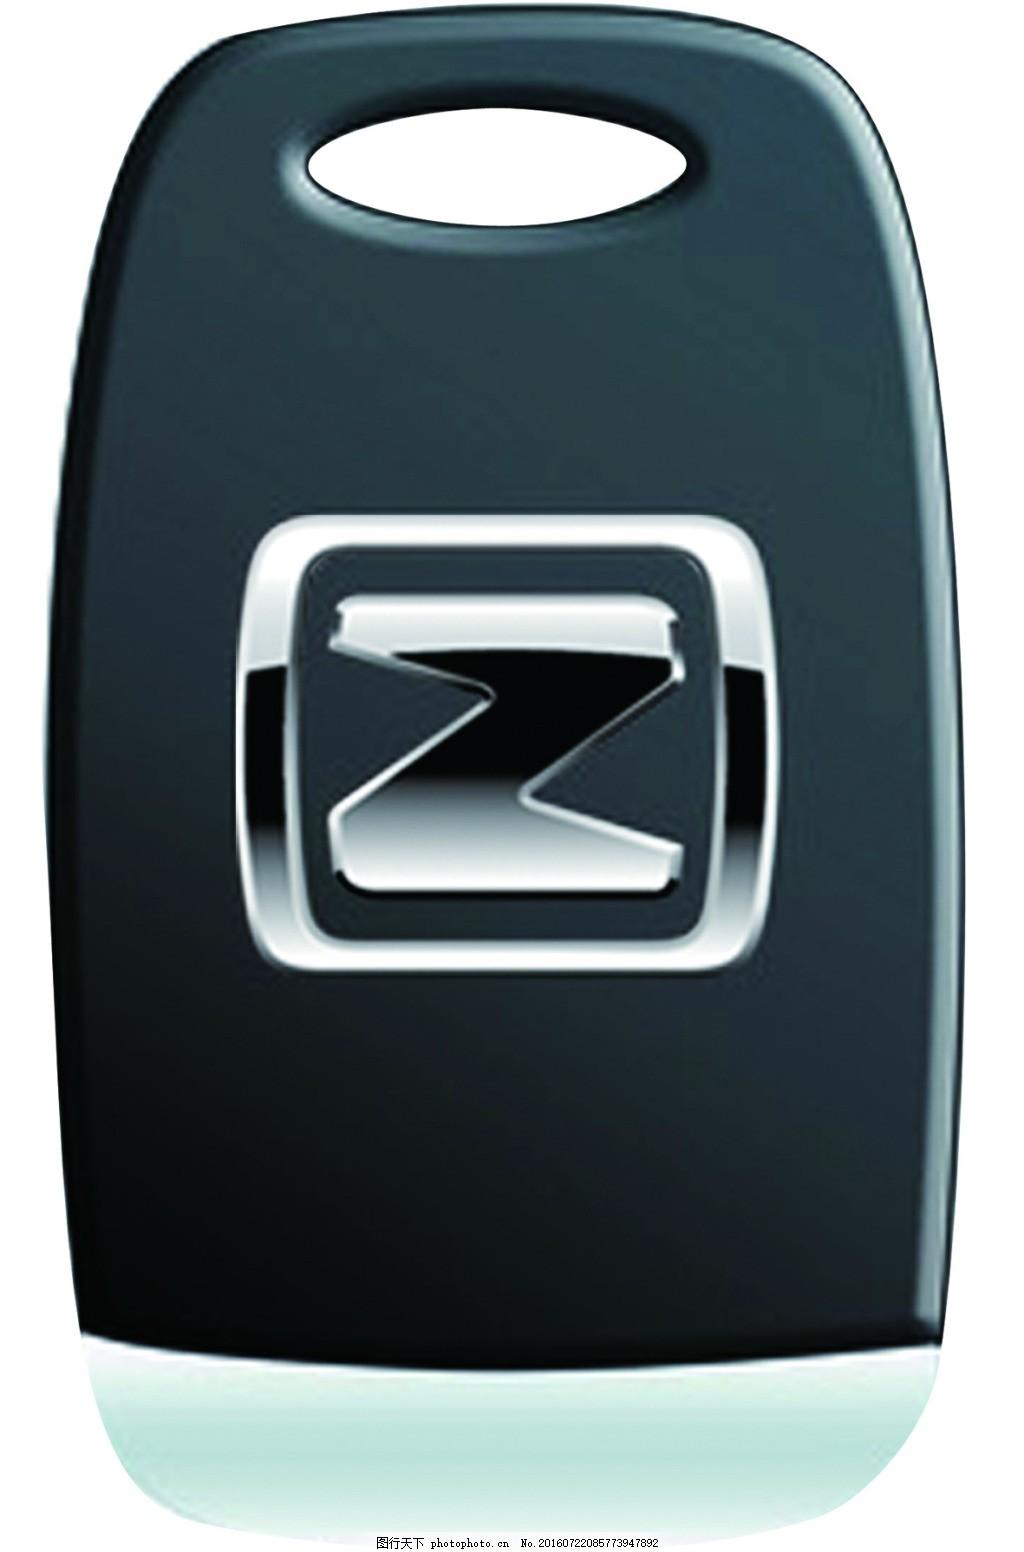 众泰交车钥匙 黑色 标志 广告设计